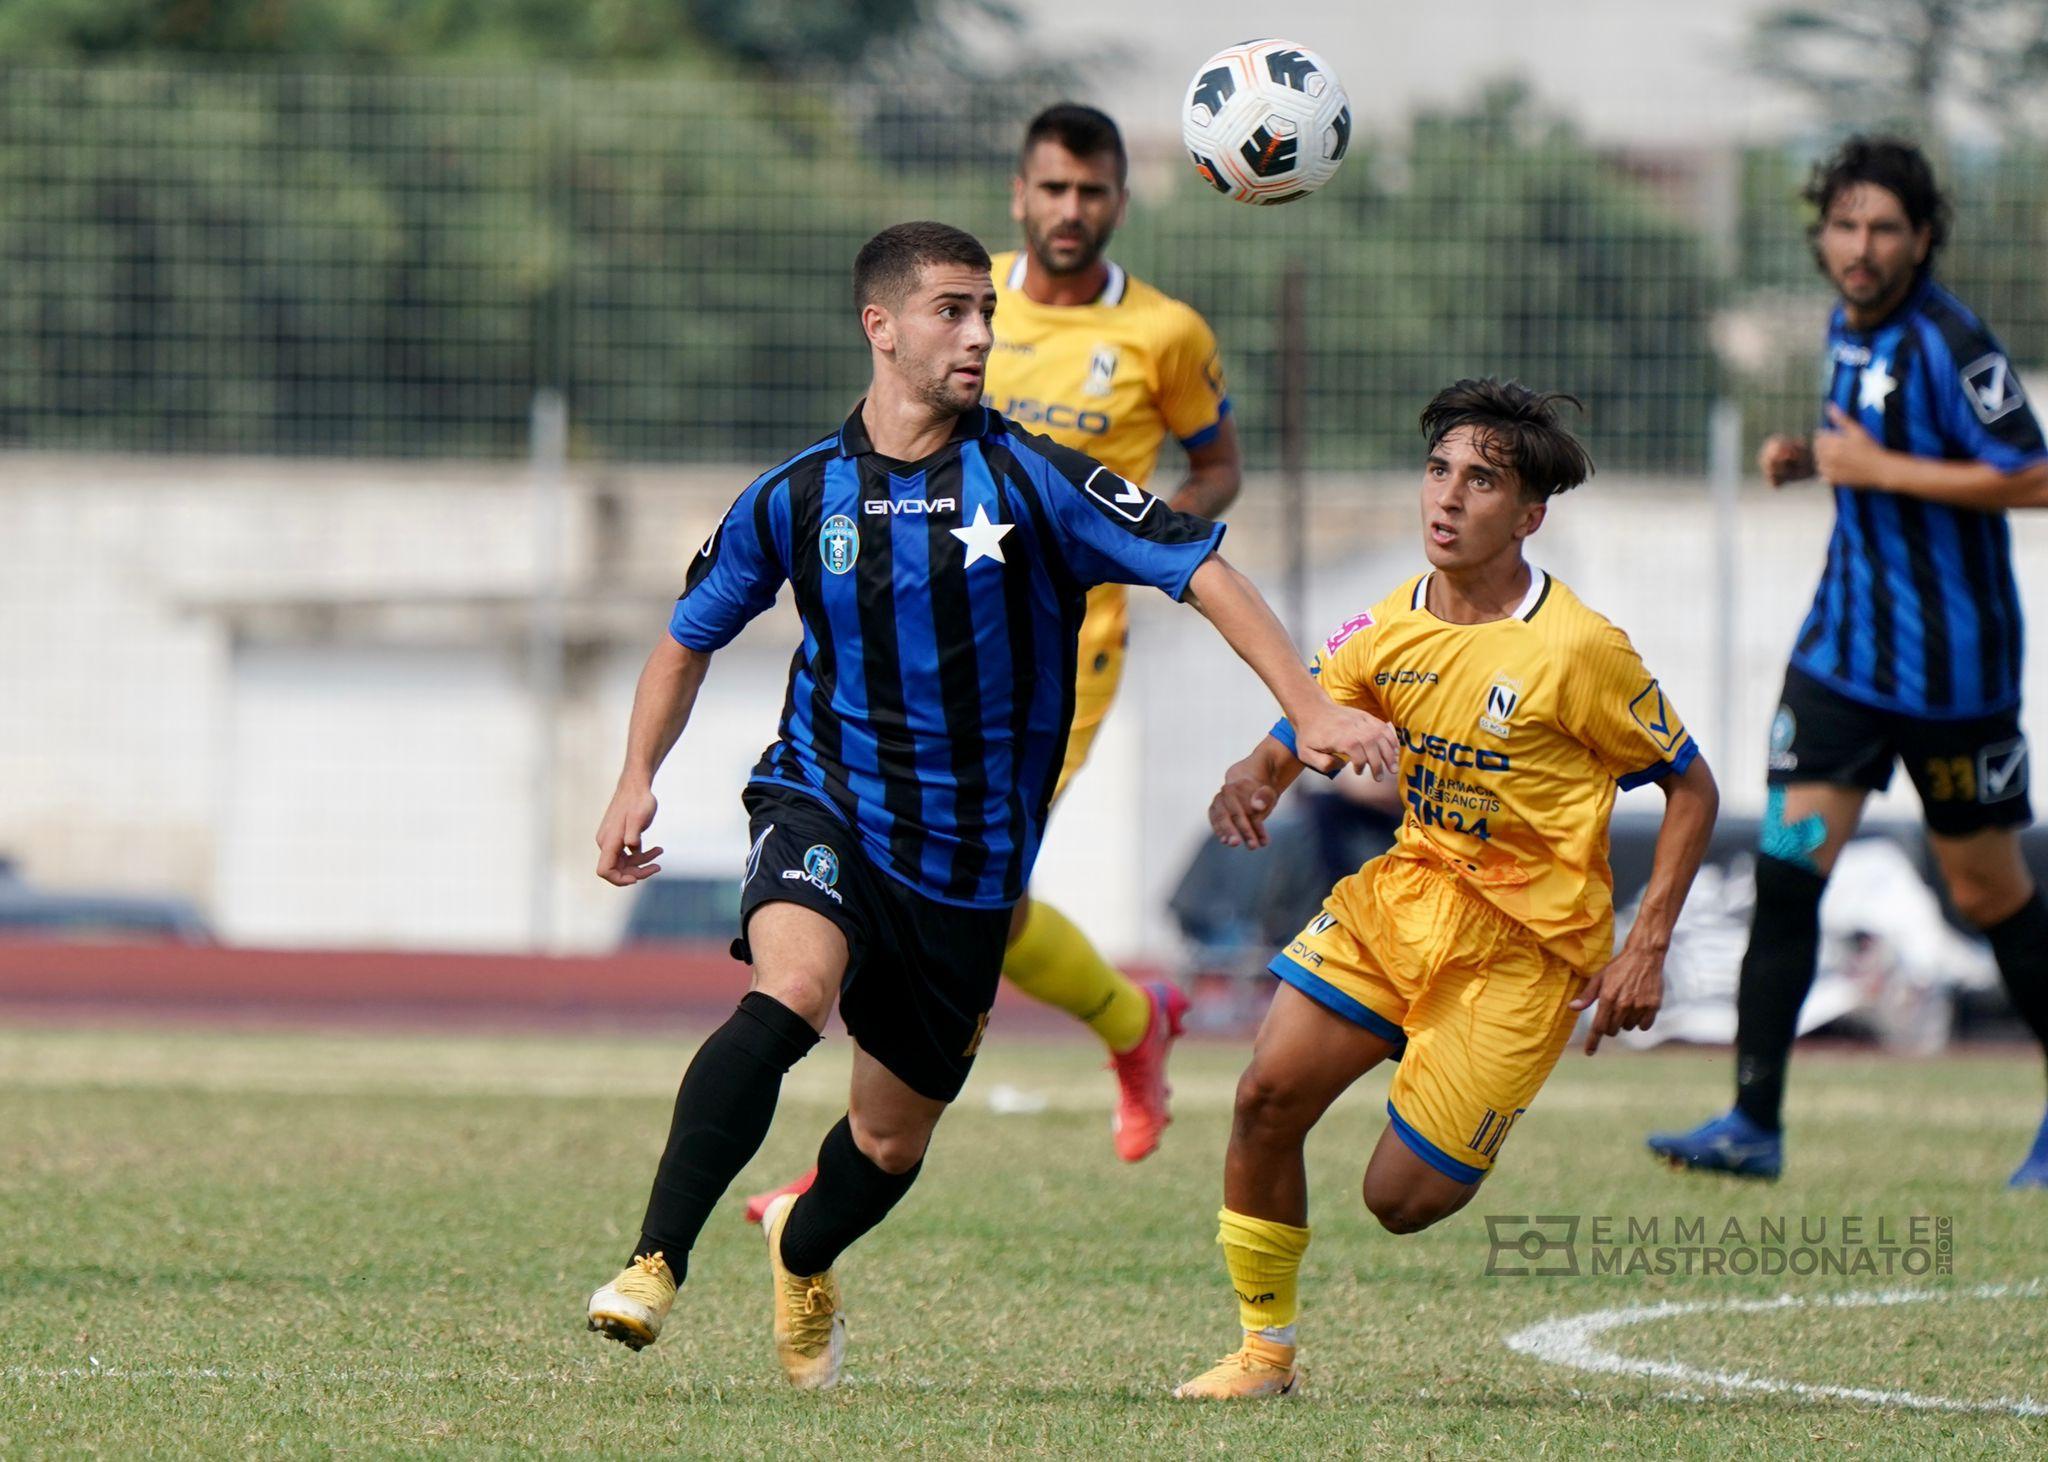 """Bisceglie Calcio, venerdì prossimo la presentazione ufficiale al """"Ventura"""" (ore 18.30)"""